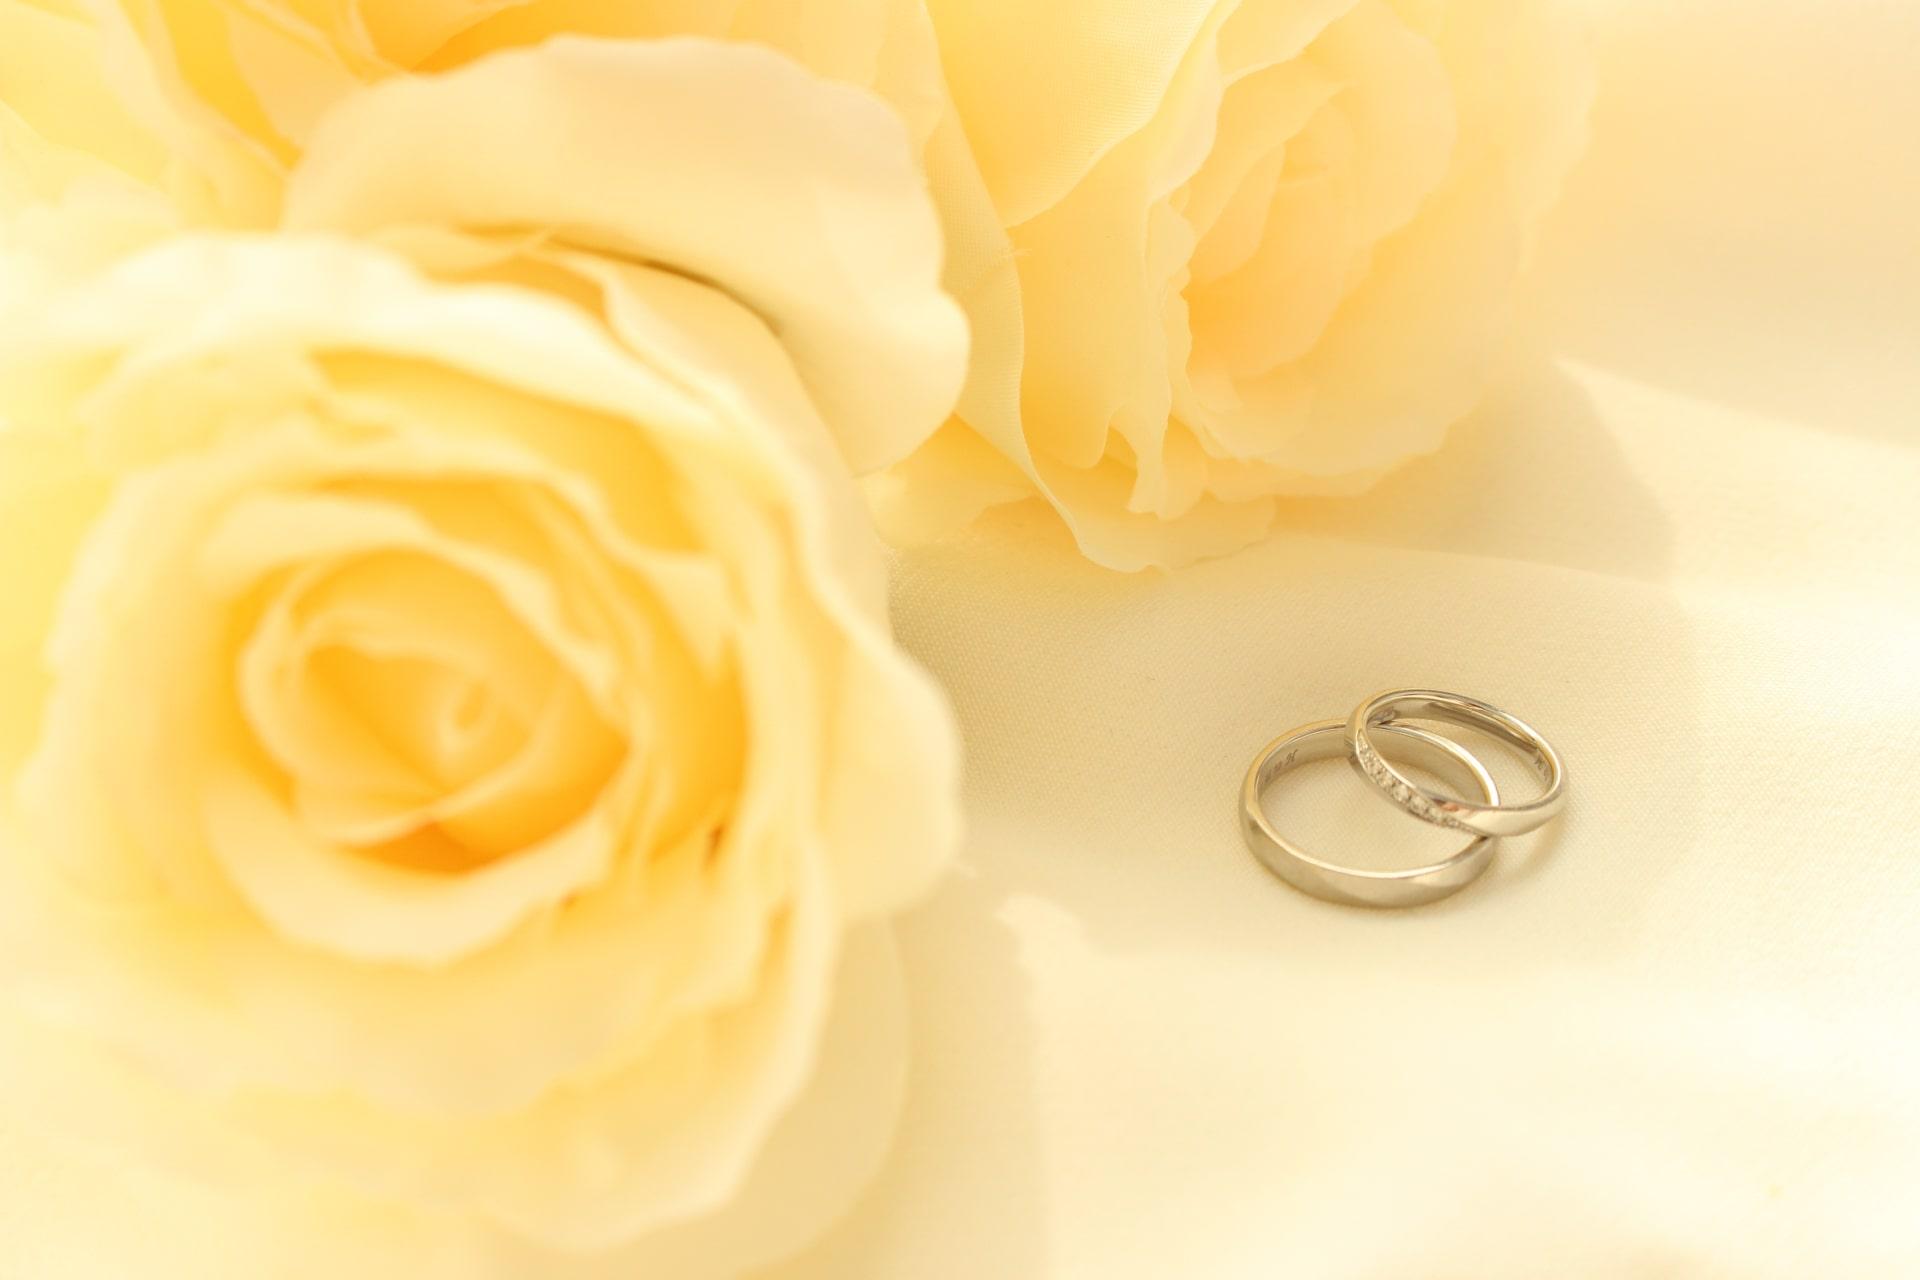 中指の指輪で想い通りの自分になる!